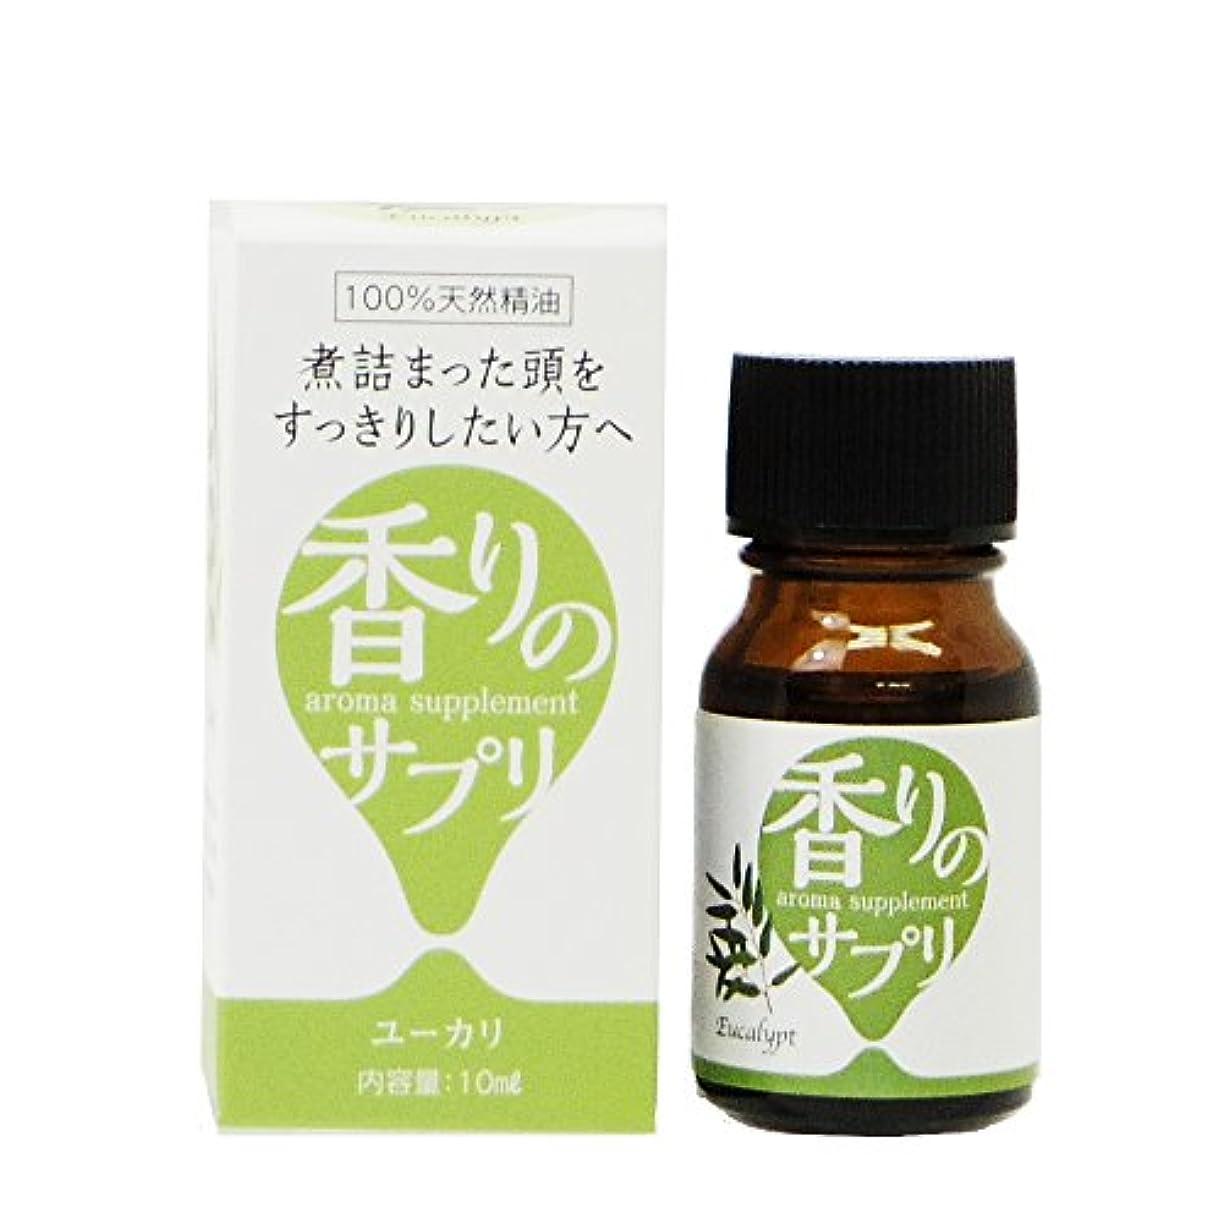 水差しティッシュありふれた香りのサプリ ユーカリ エッセンシャルオイル10ml 384294